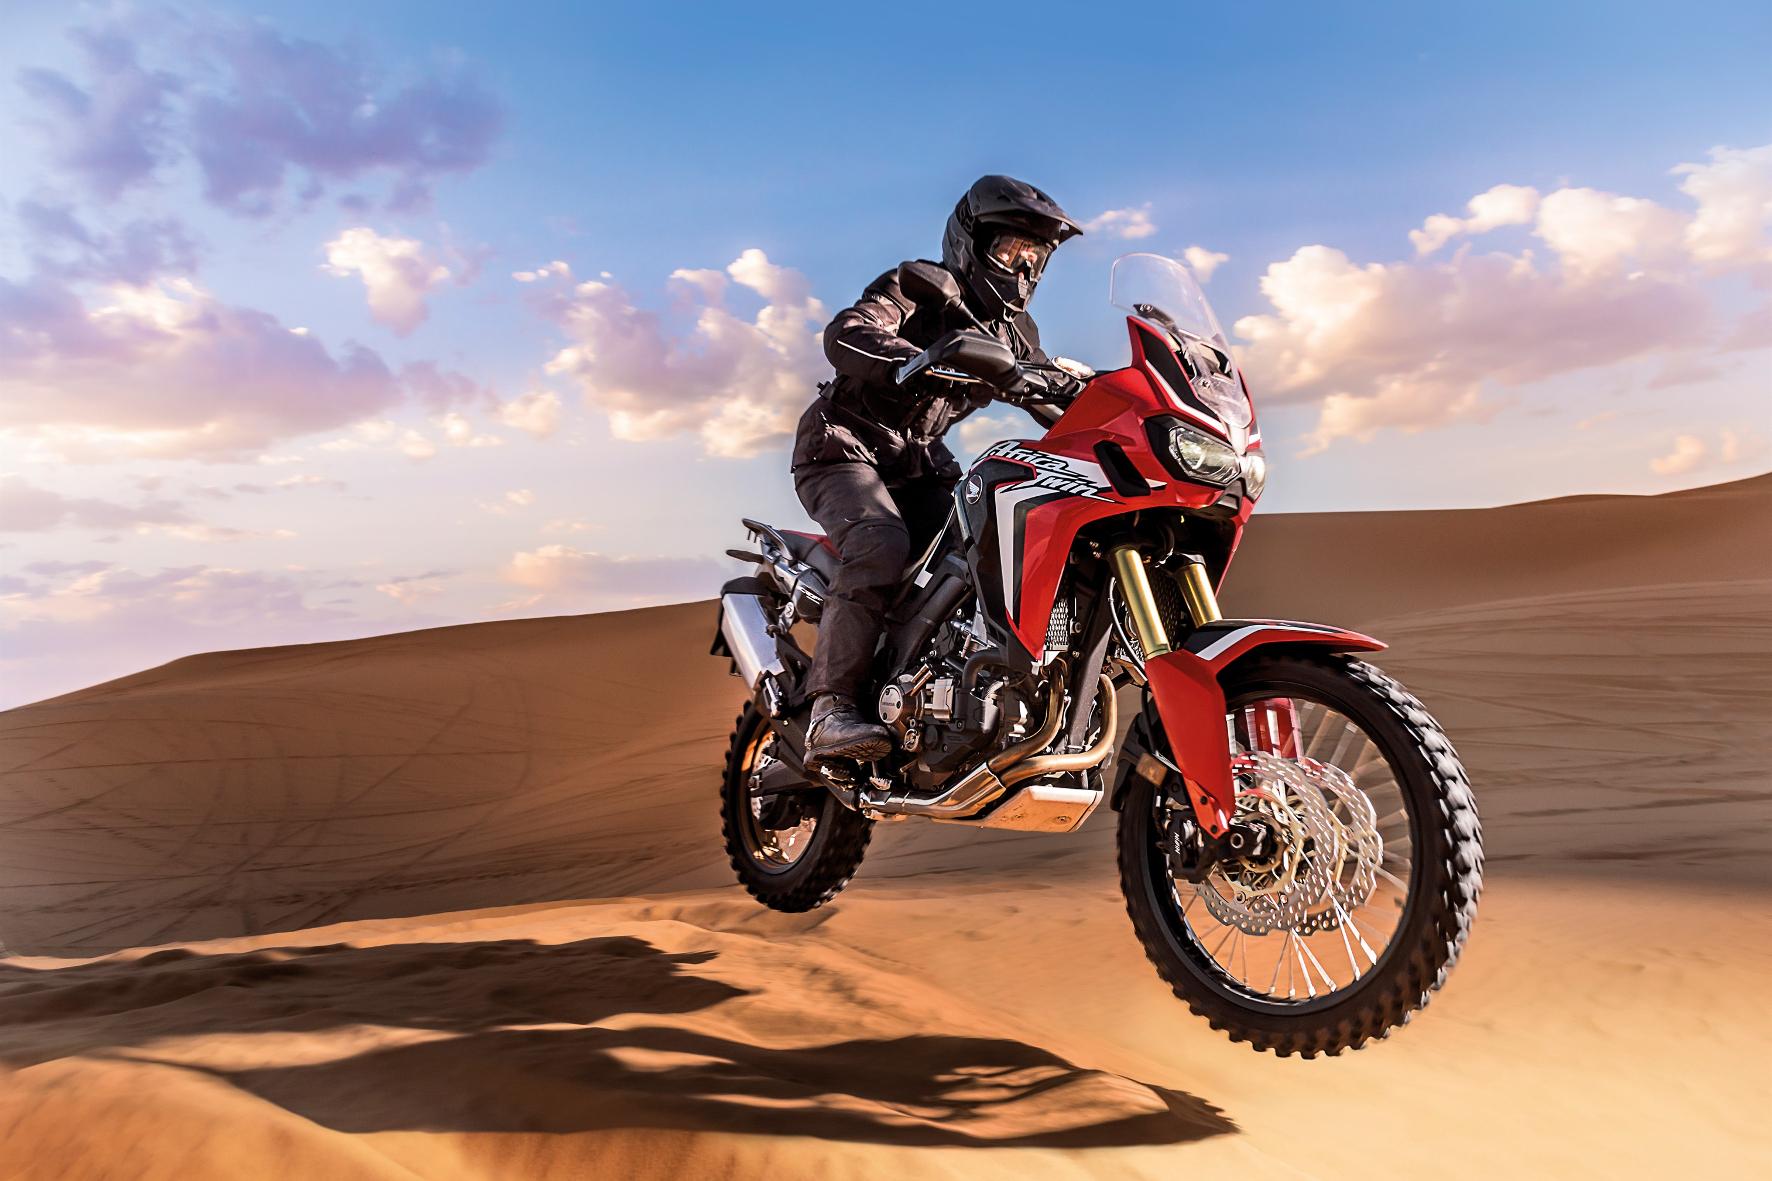 mid Groß-Gerau - Jede (Offroad-)Fahrt hat ihren Anfang. Bei Hondas Fun & Safety Offroad Training dürfen sich die Teilnehmer auf einer Honda CRF1000L Africa Twin im Gelände erproben.